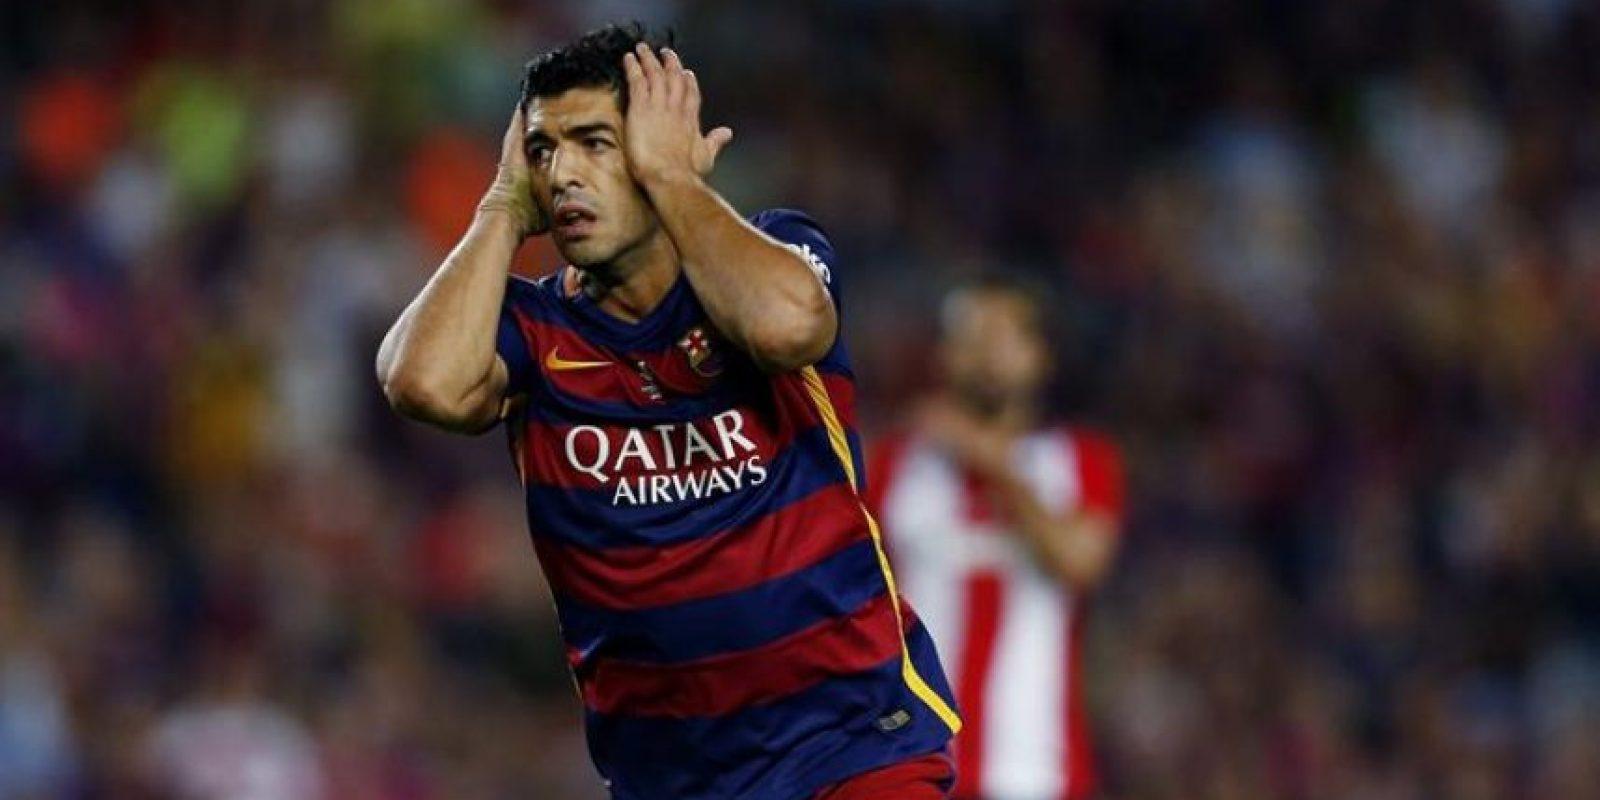 EL capitán del Barcelona defendió su actuación y la de sus compañeros en el partido que se jugó en el Camp Nou. Foto:AFP, EFE y AP